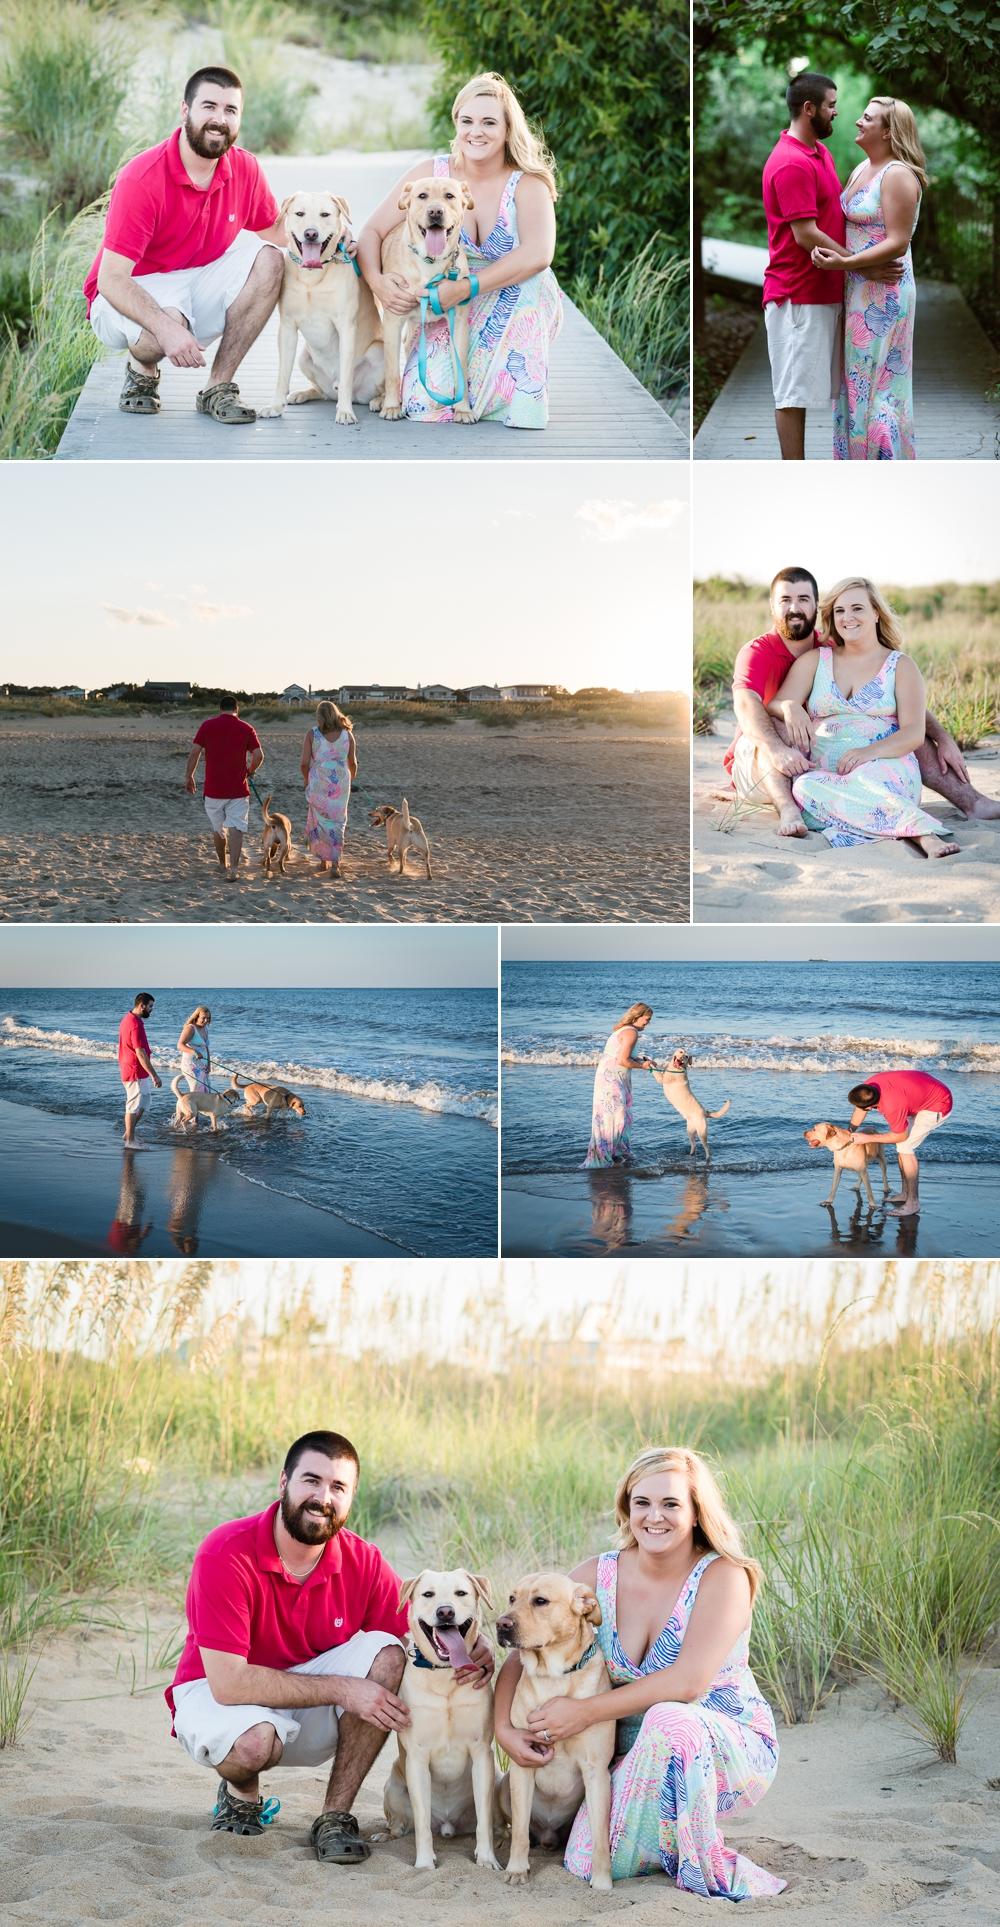 弗吉尼亚海滩情侣肖像,宠物照片